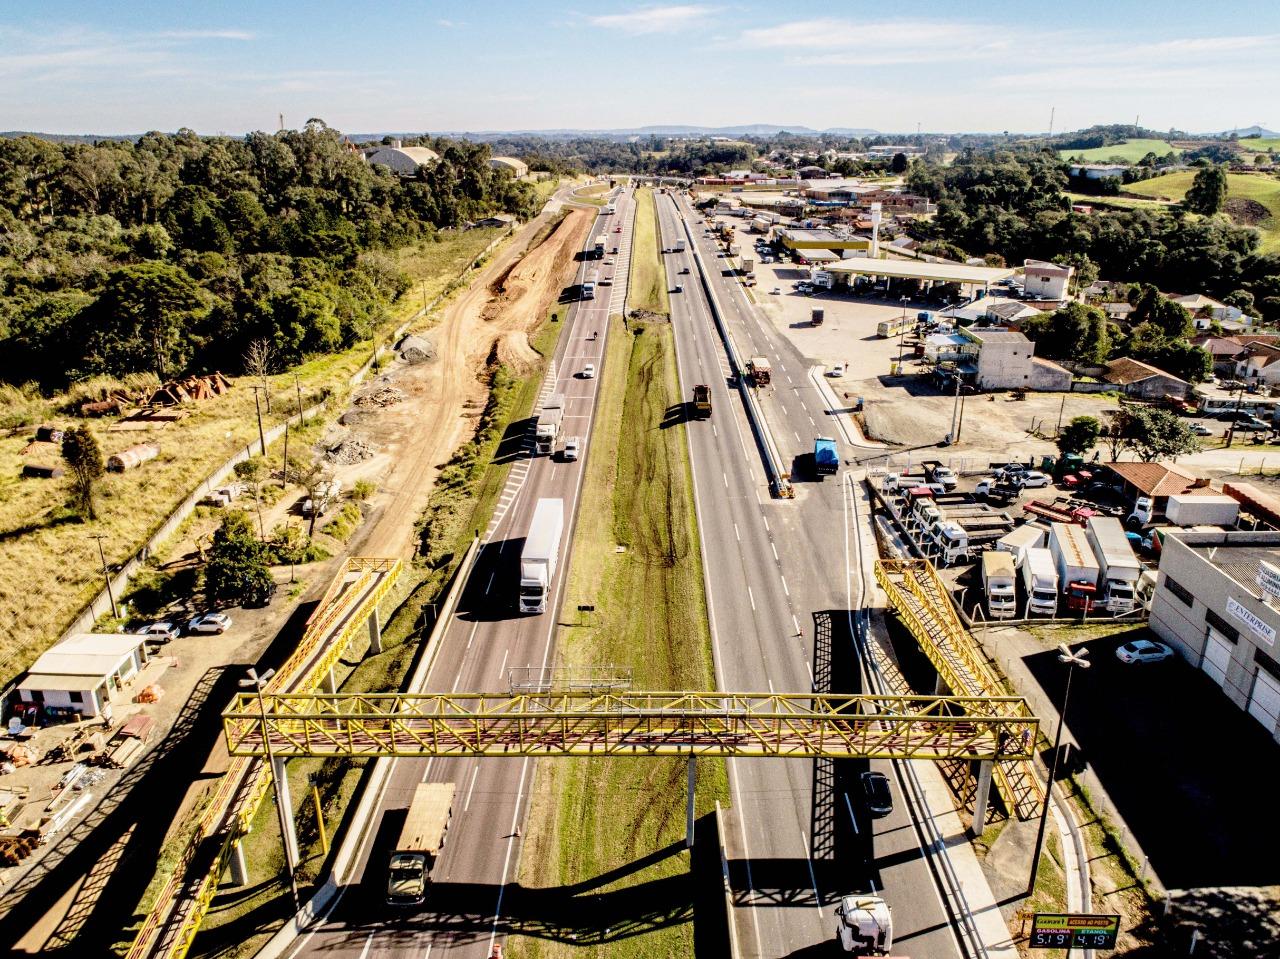 CCR Rodonorte estima tráfego de 430 mil veículos durante o feriado prolongado da Independência